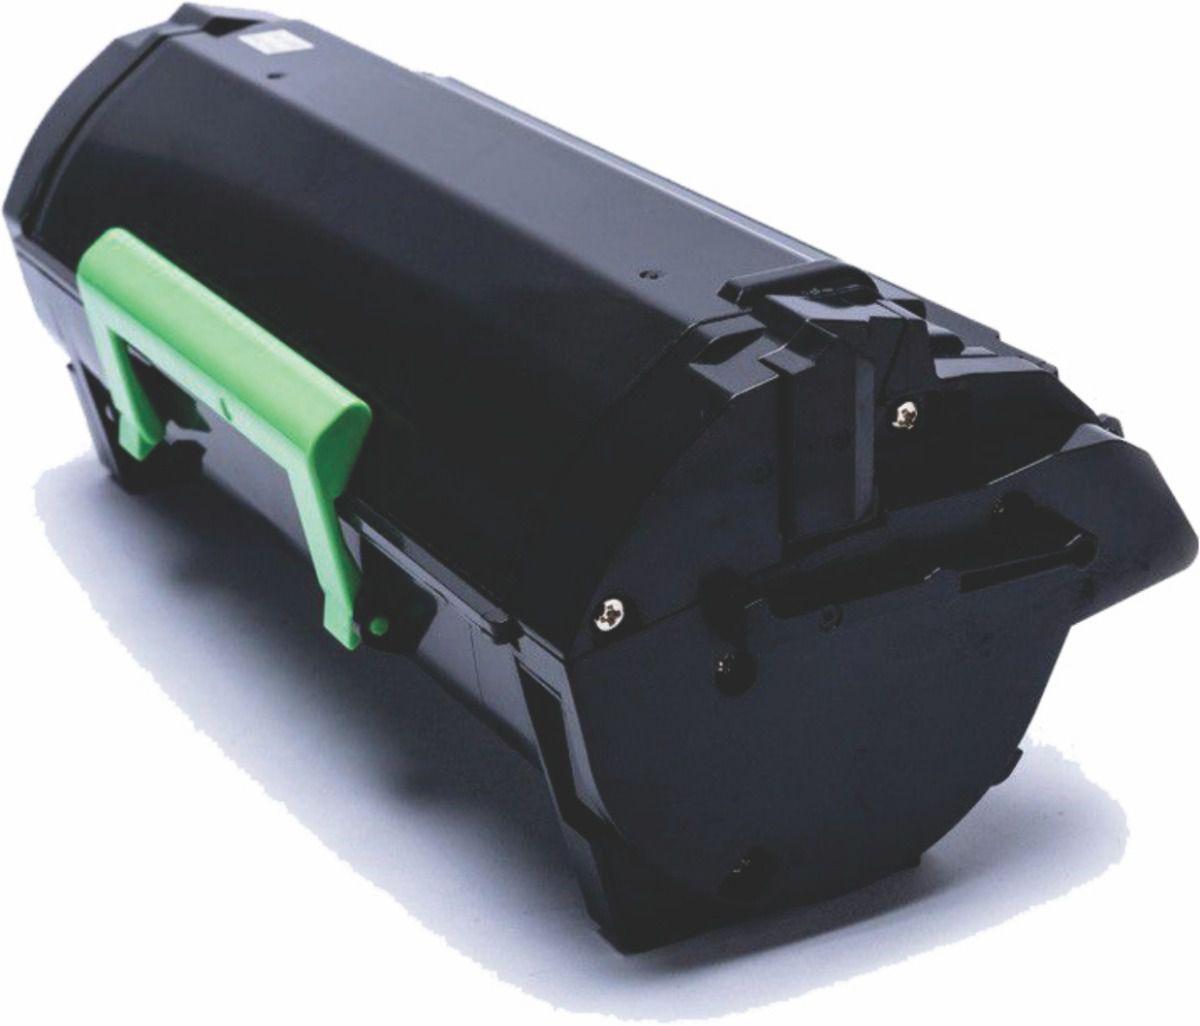 Toner compatível com Lexmark - [B0XA0] MS517/MS617 - MX517/MX617 - 20.000 Páginas - Cartucho & Cia